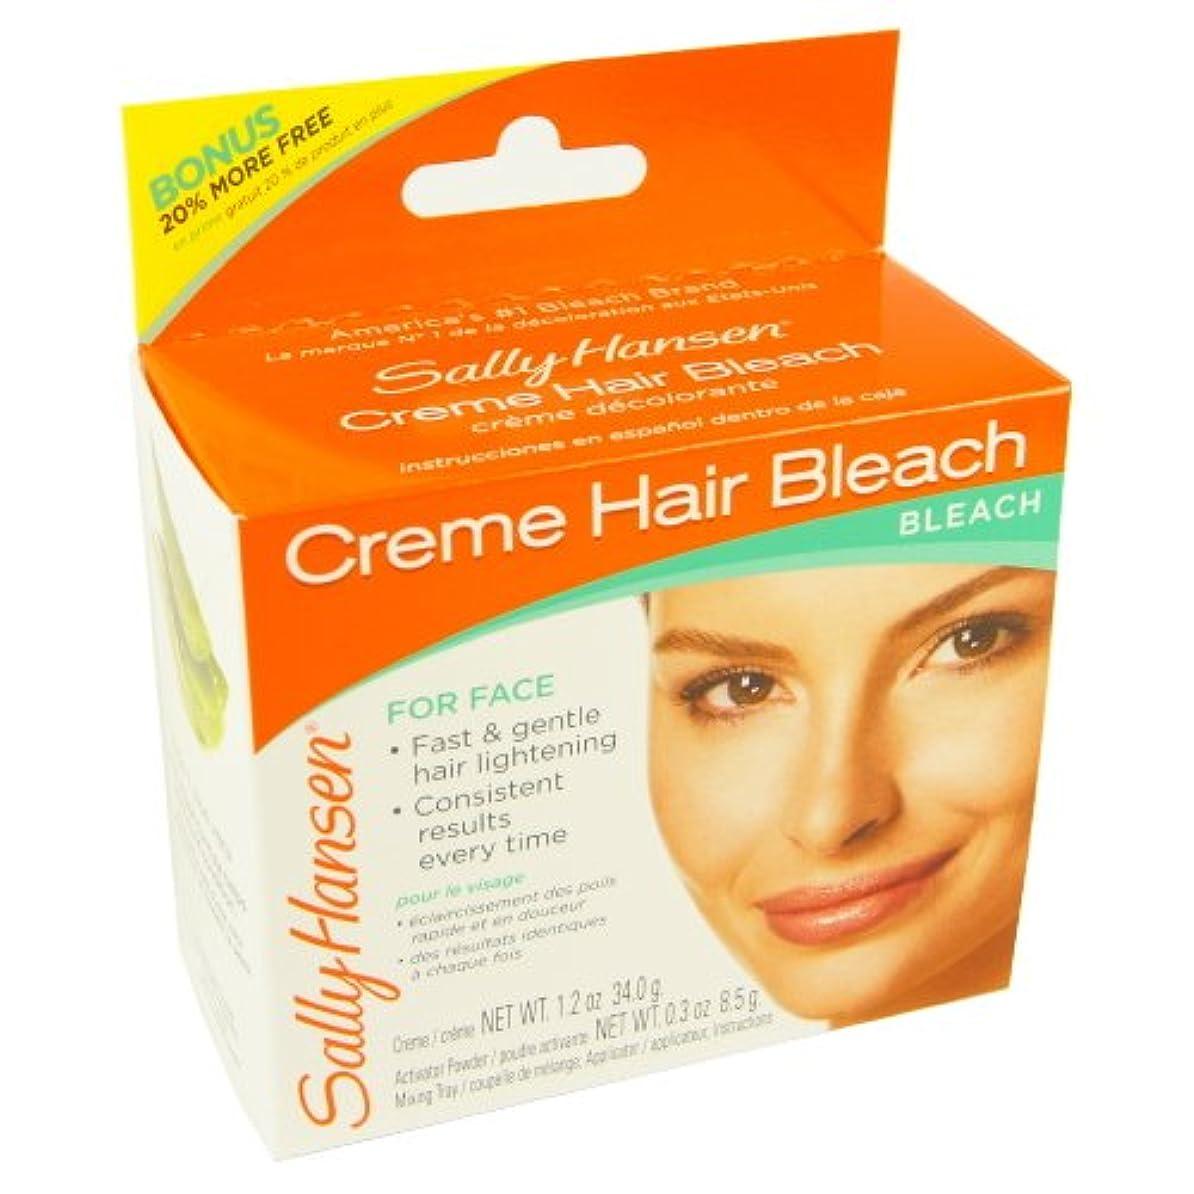 運ぶ開始買い手(6 Pack) SALLY HANSEN Creme Hair Bleach for Face - SH2000 (並行輸入品)